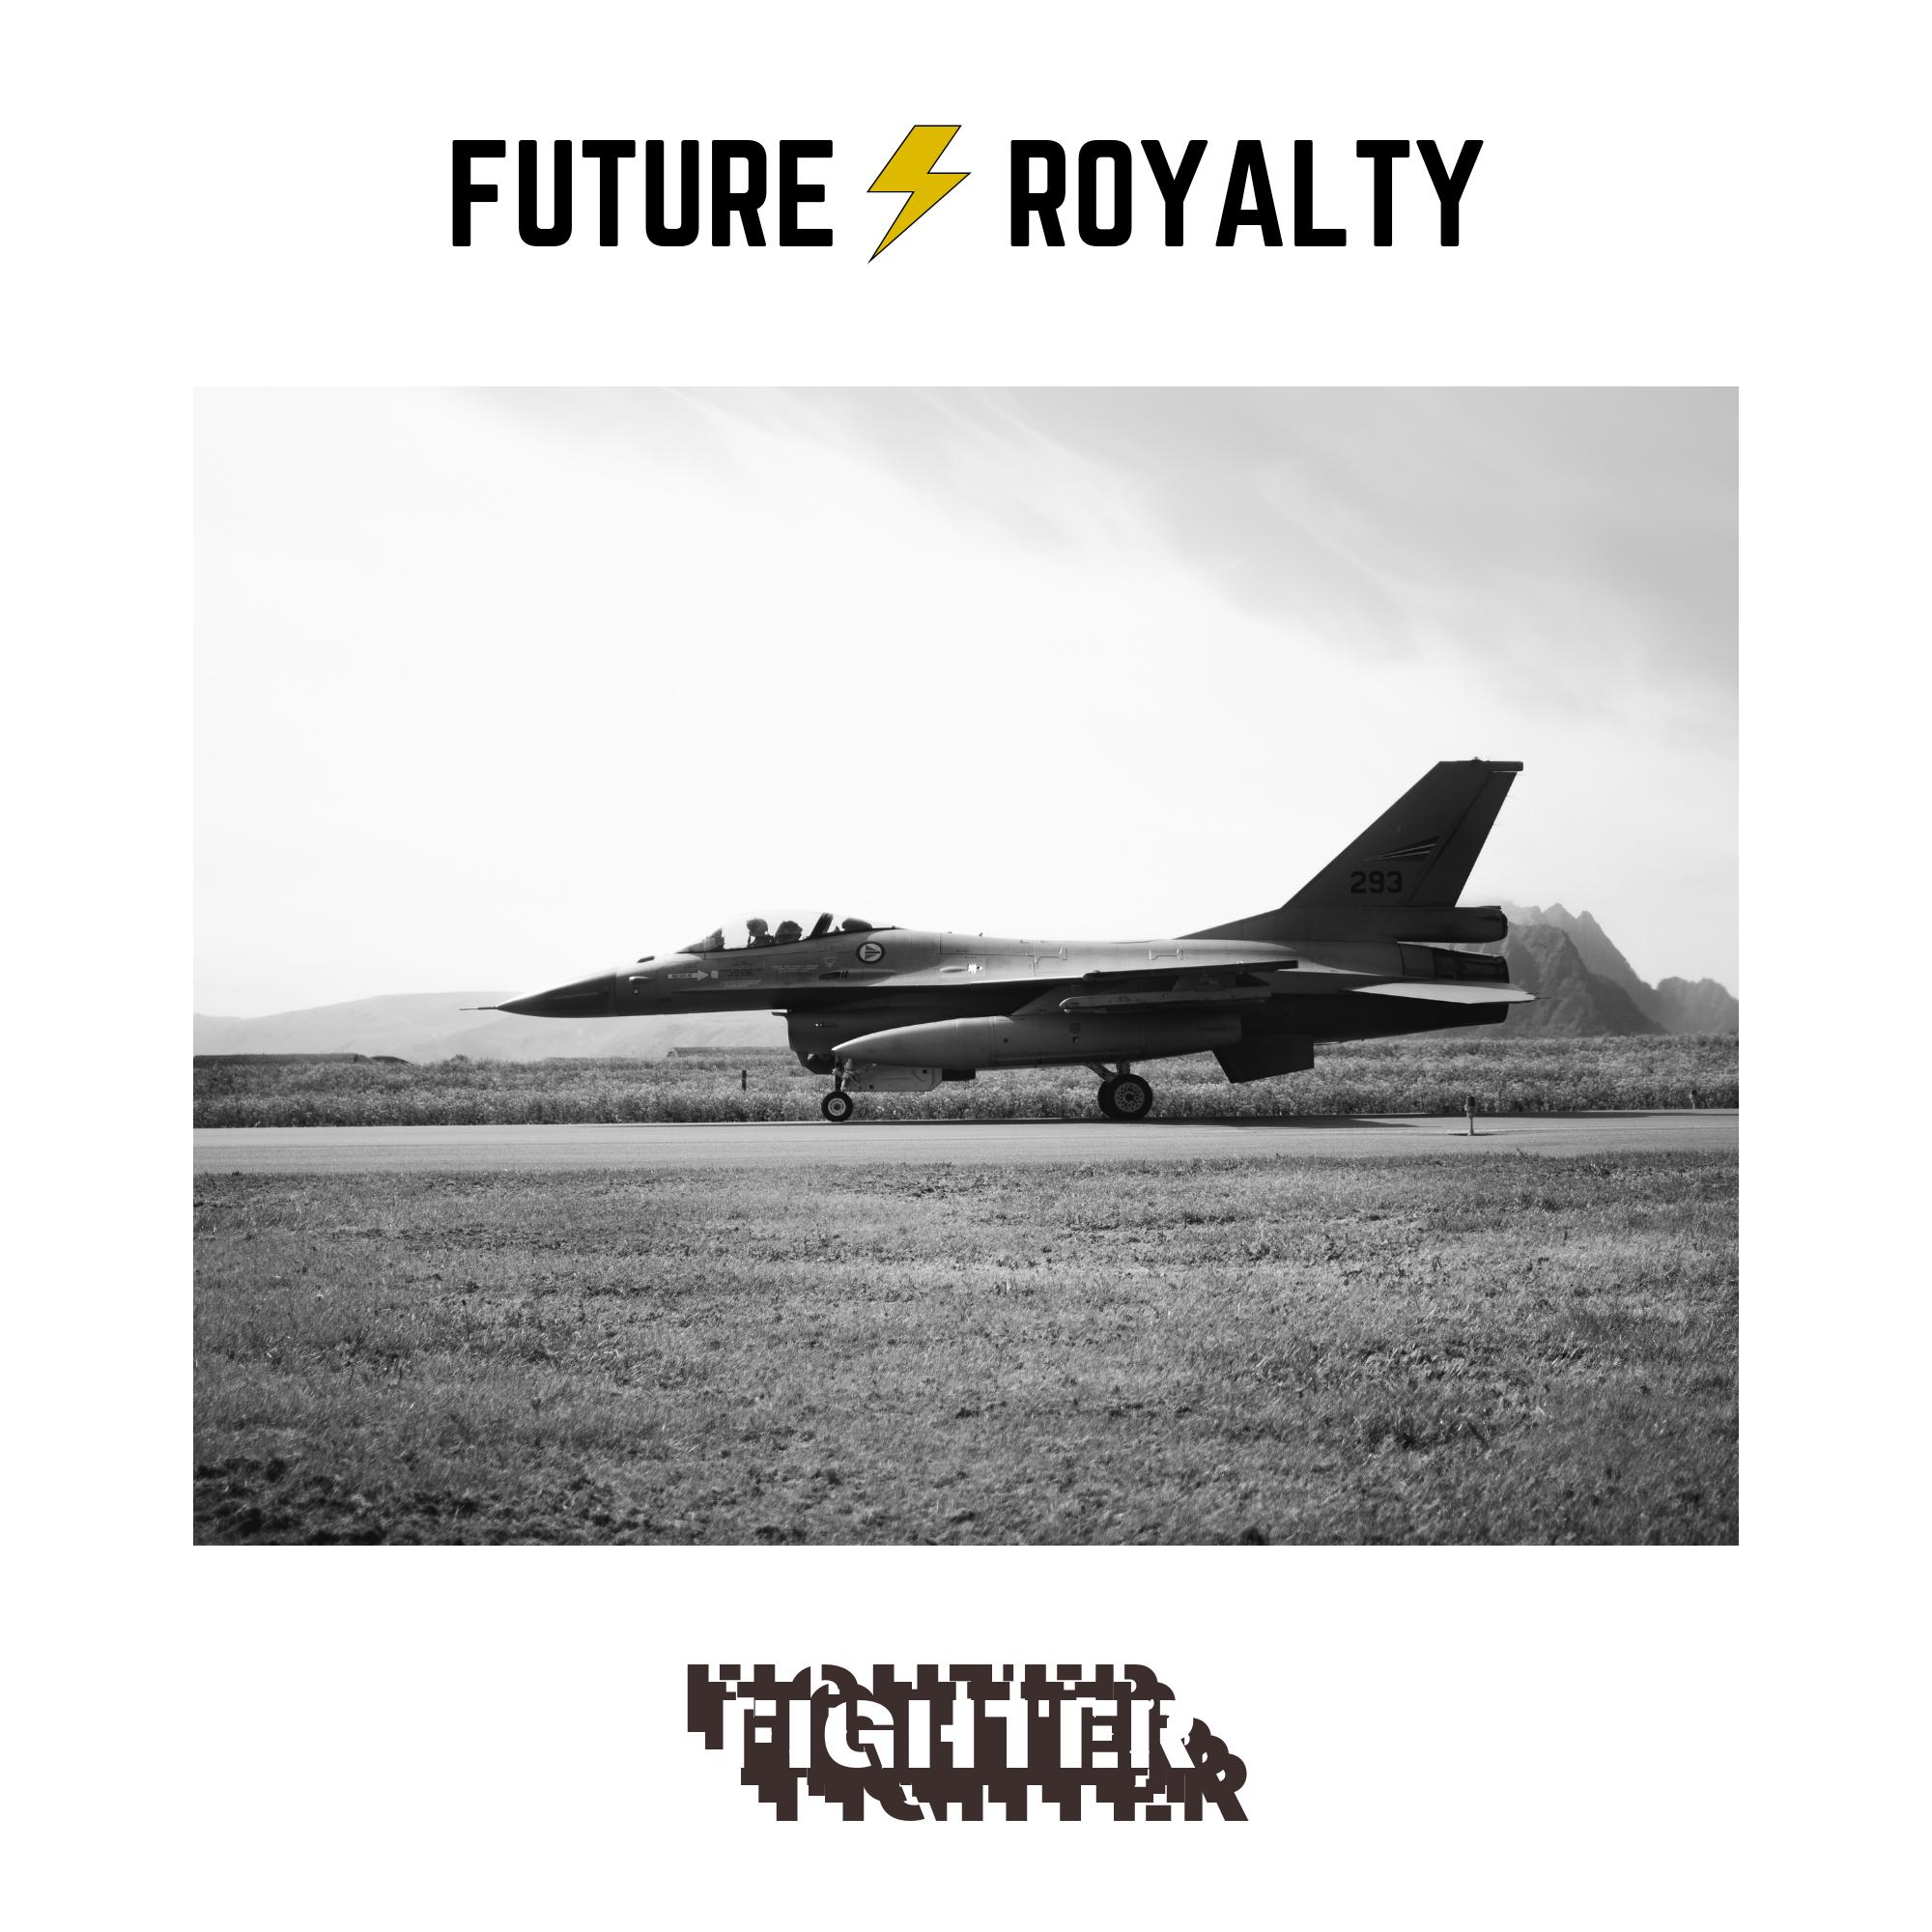 FR_Fighter.png